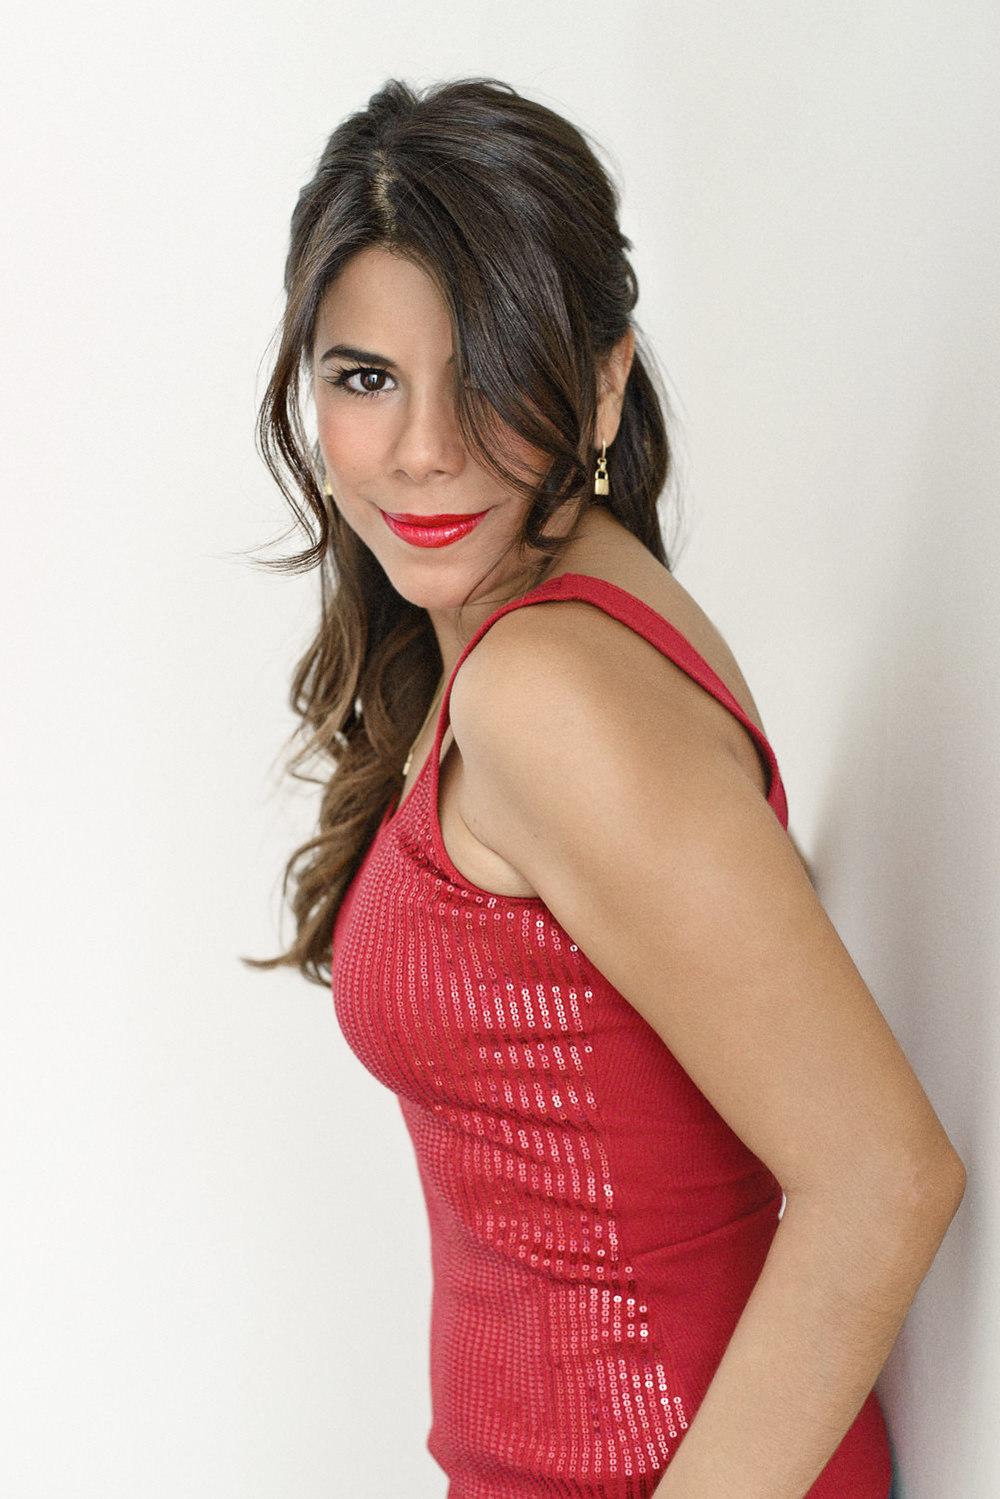 Erika-Melissa Alcantar Fotografía-Sesión de fotos en Mexicali